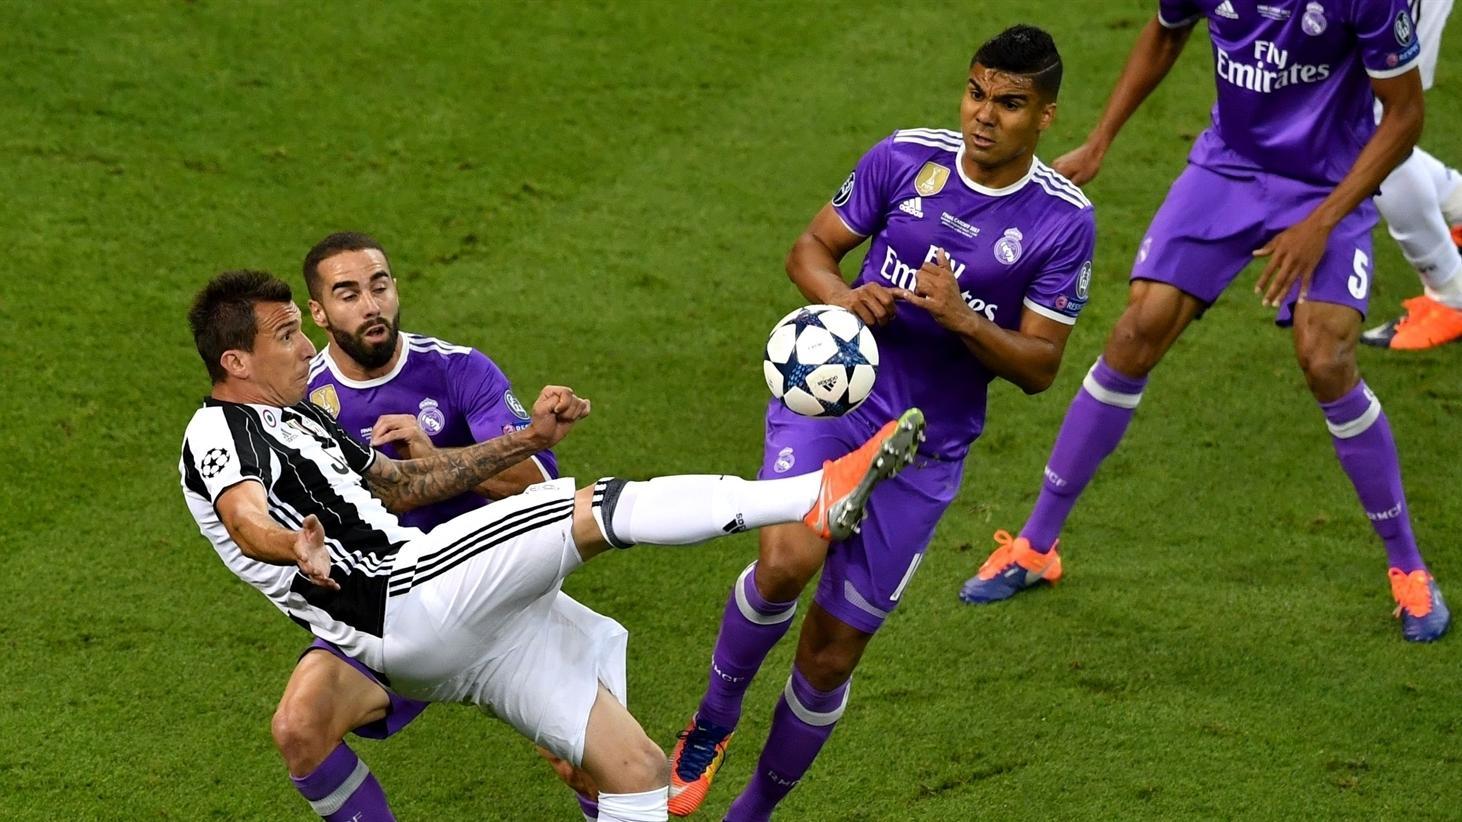 Mandzukic vs Real Madrid